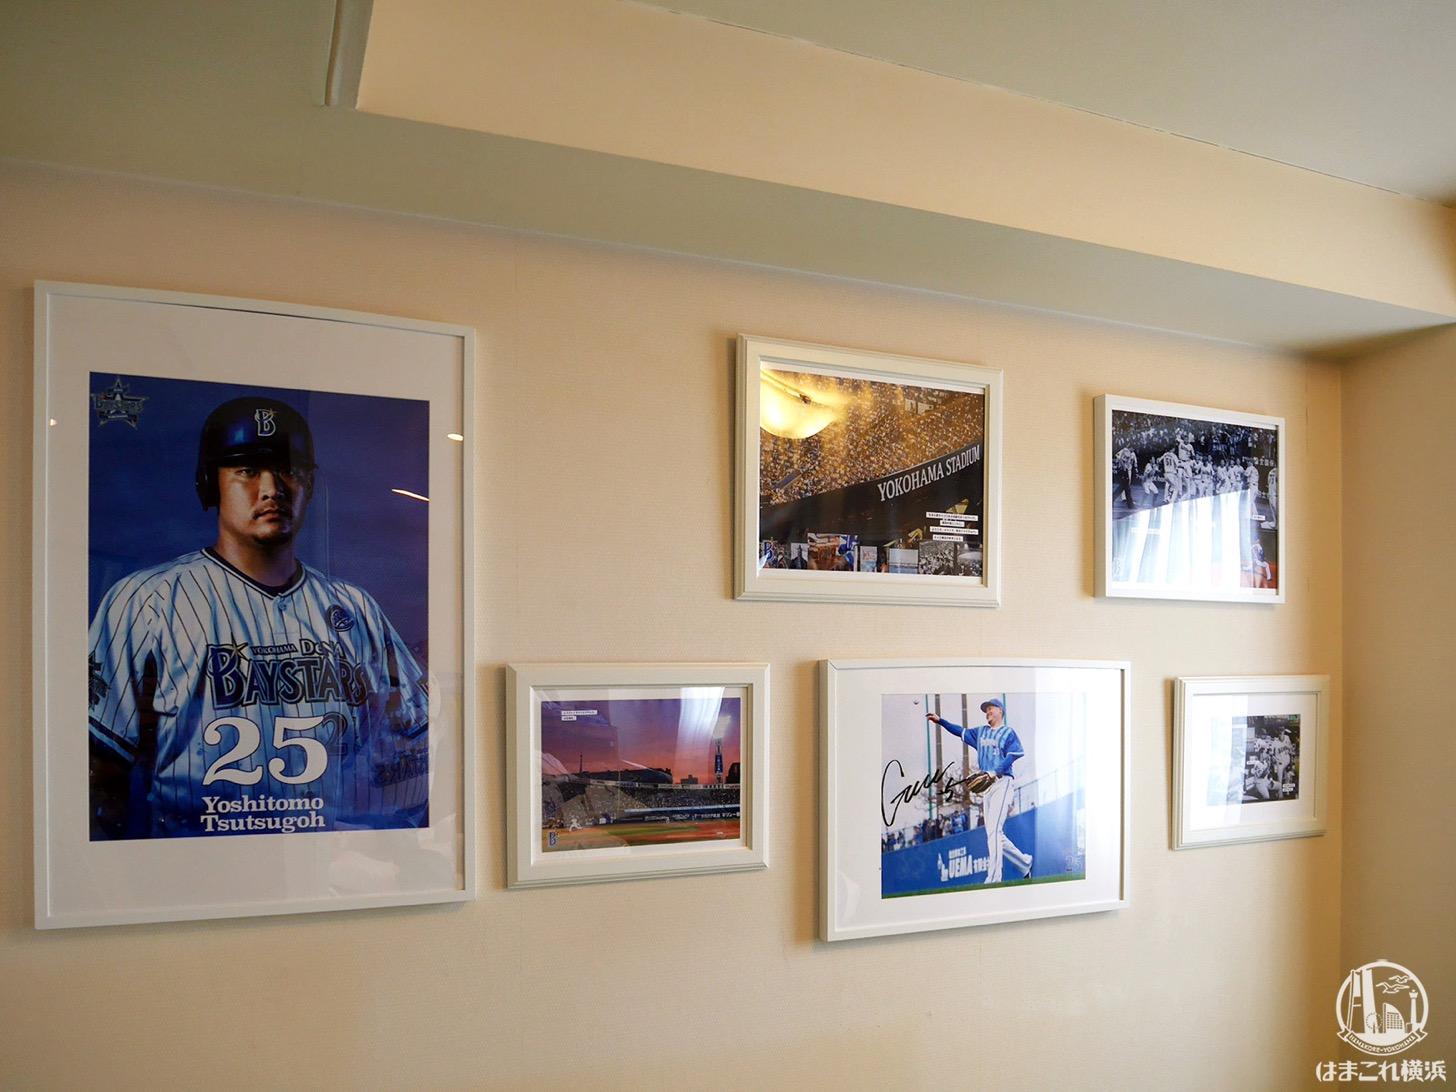 横浜スタジアムの歴史などを記した写真